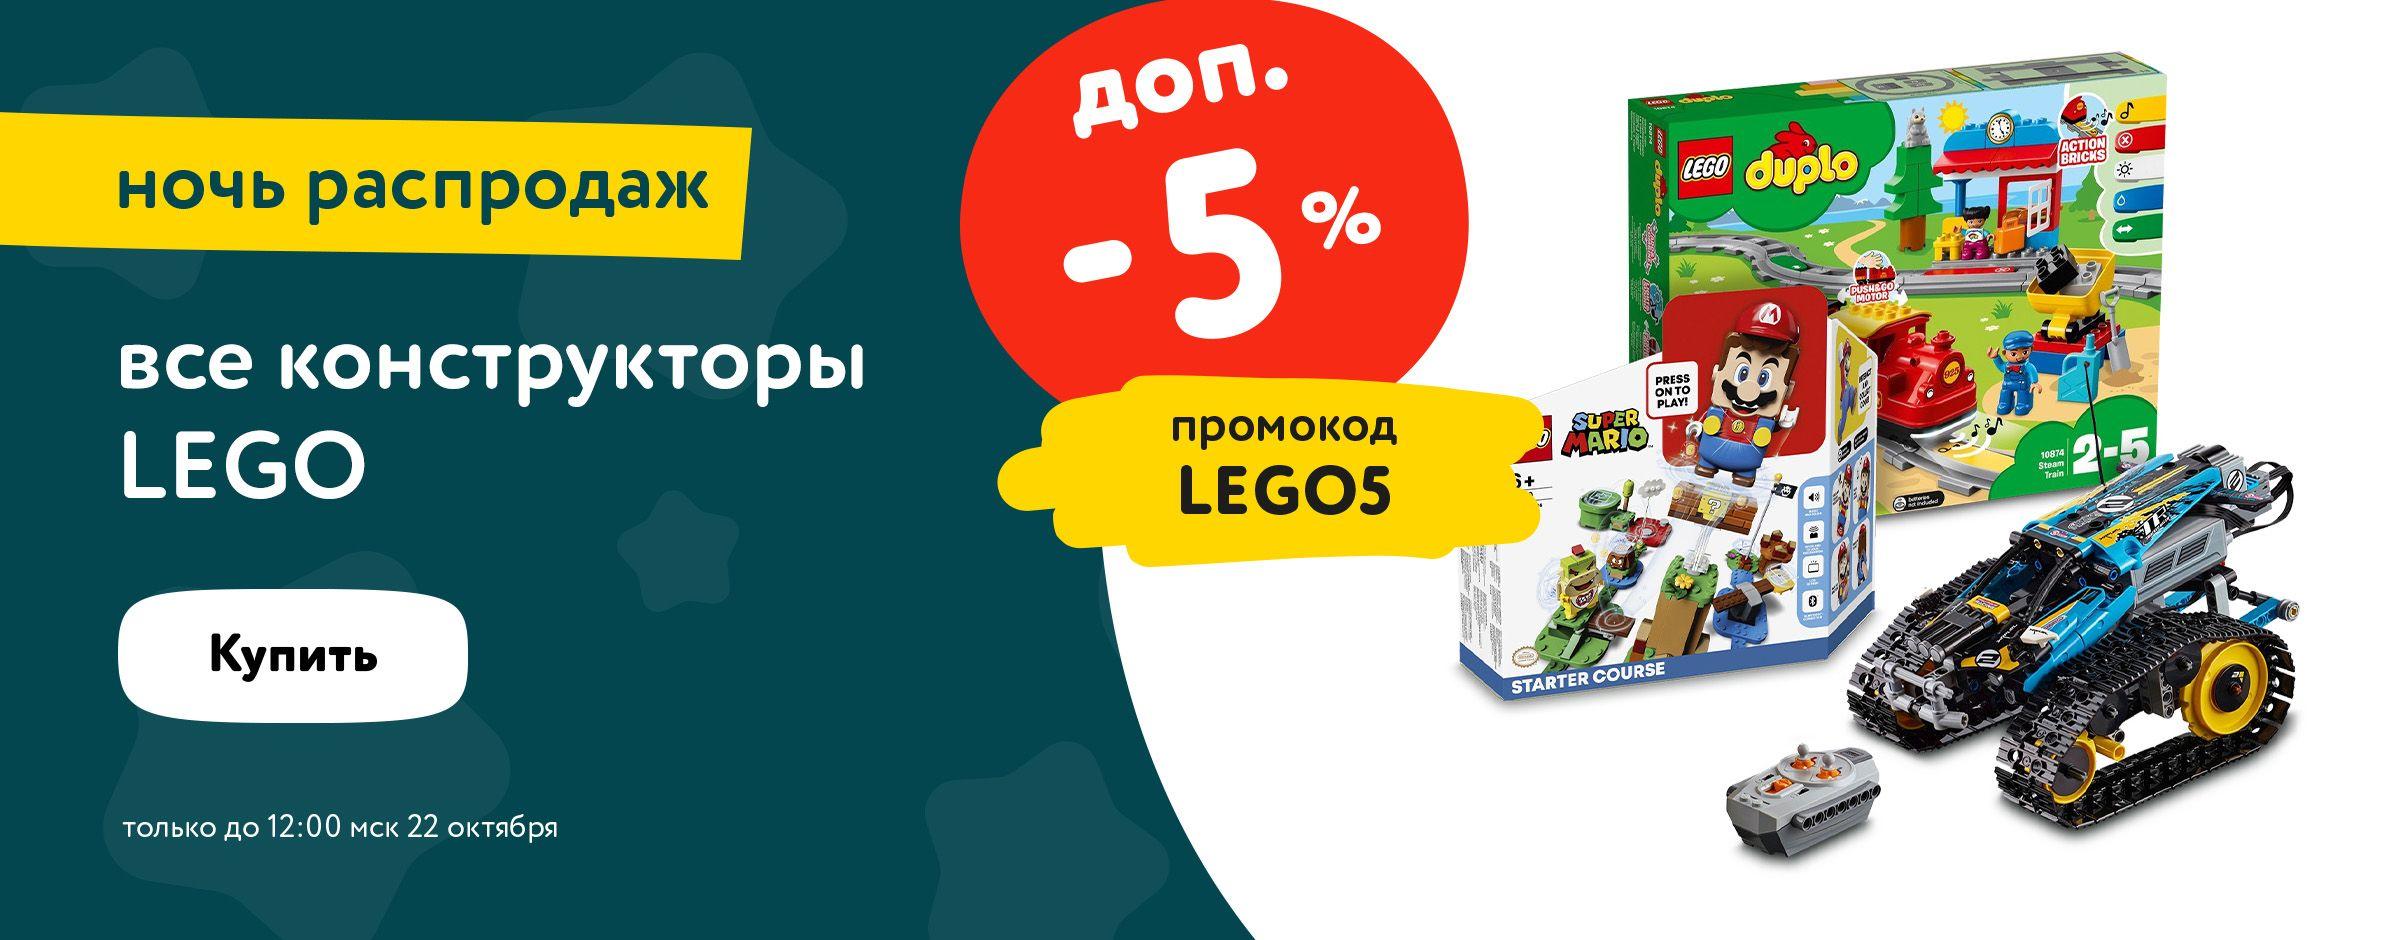 Ночь распродаже 5% на LEGO статика + категории